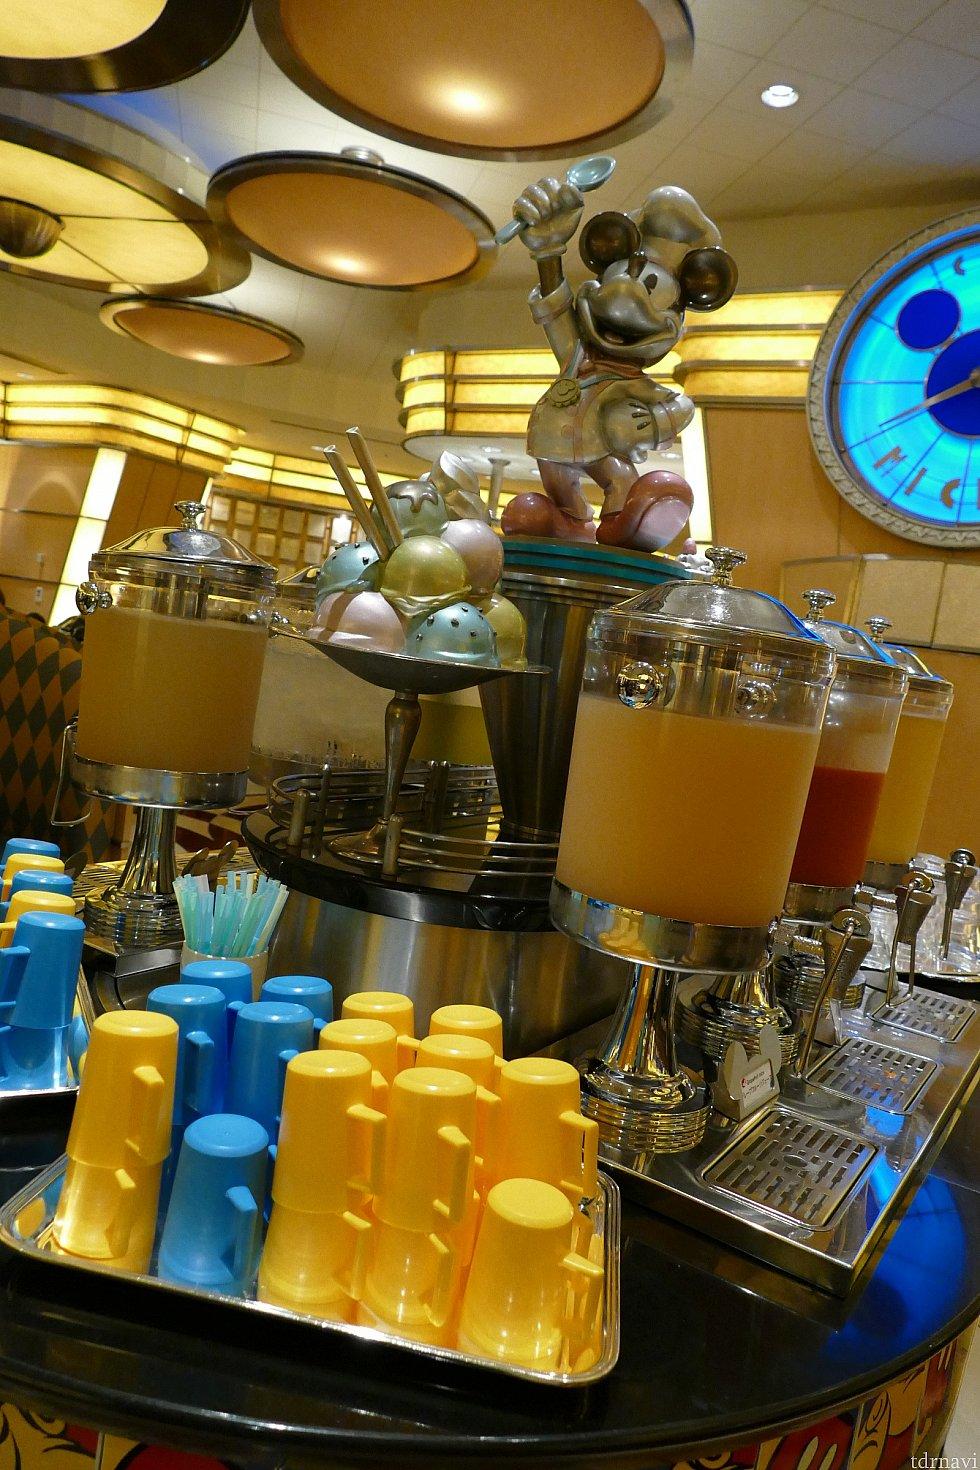 ドリンクコーナー! オレンジジュースは果肉入りで美味しかったです✨